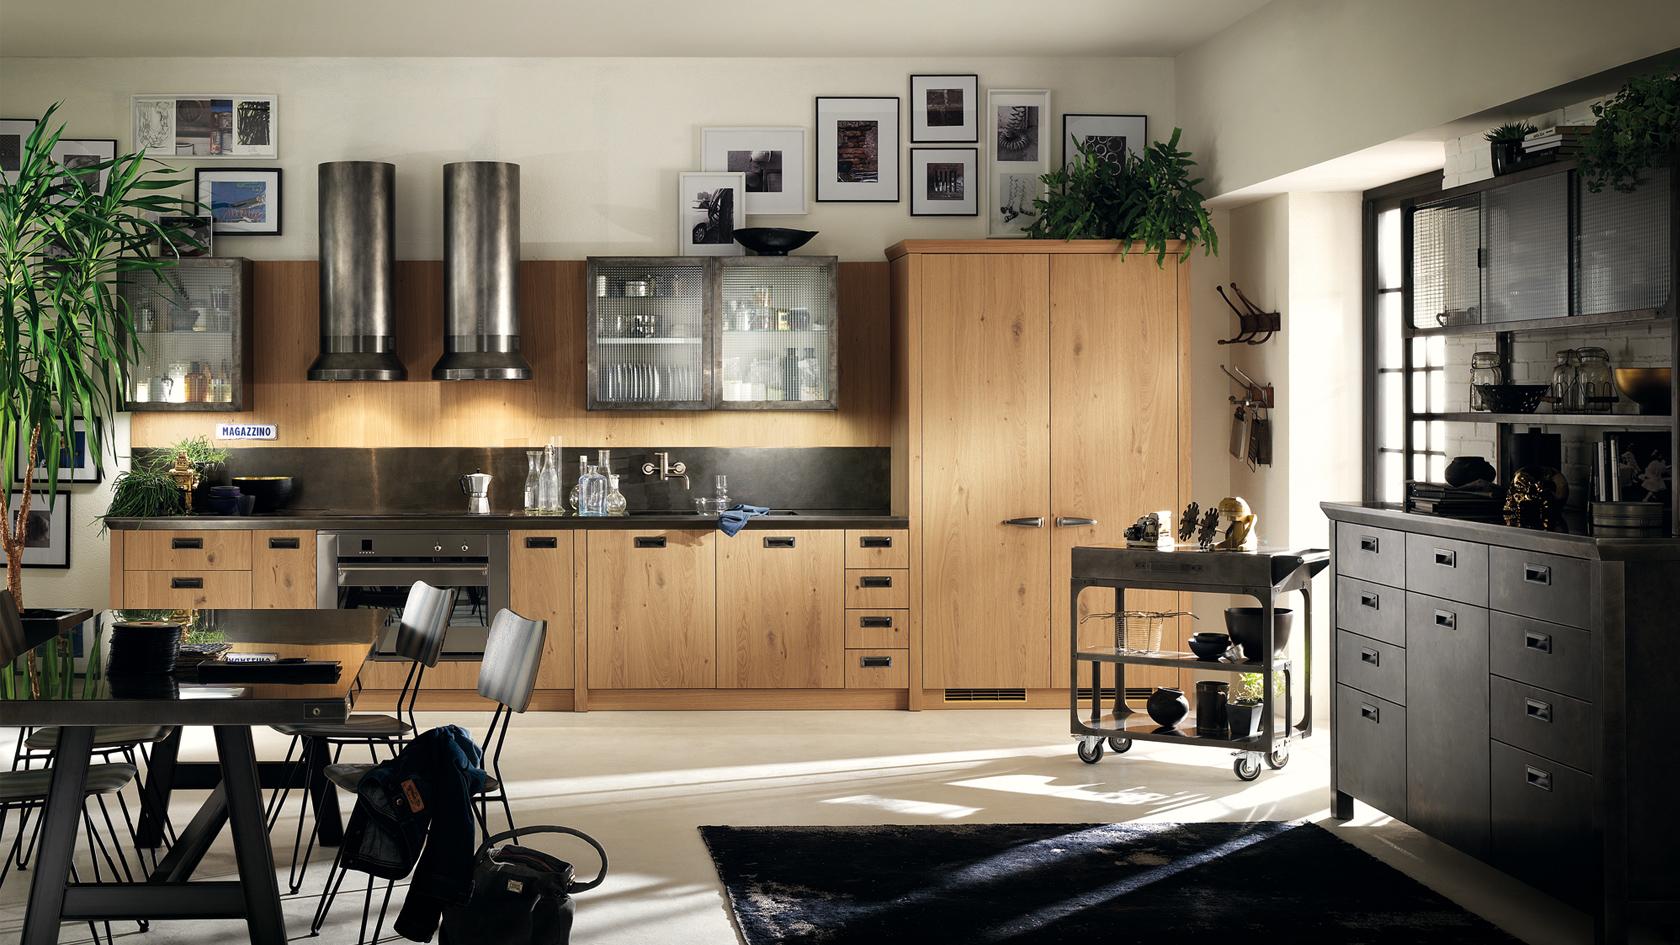 Cucine ed esposizione mobili Palermo